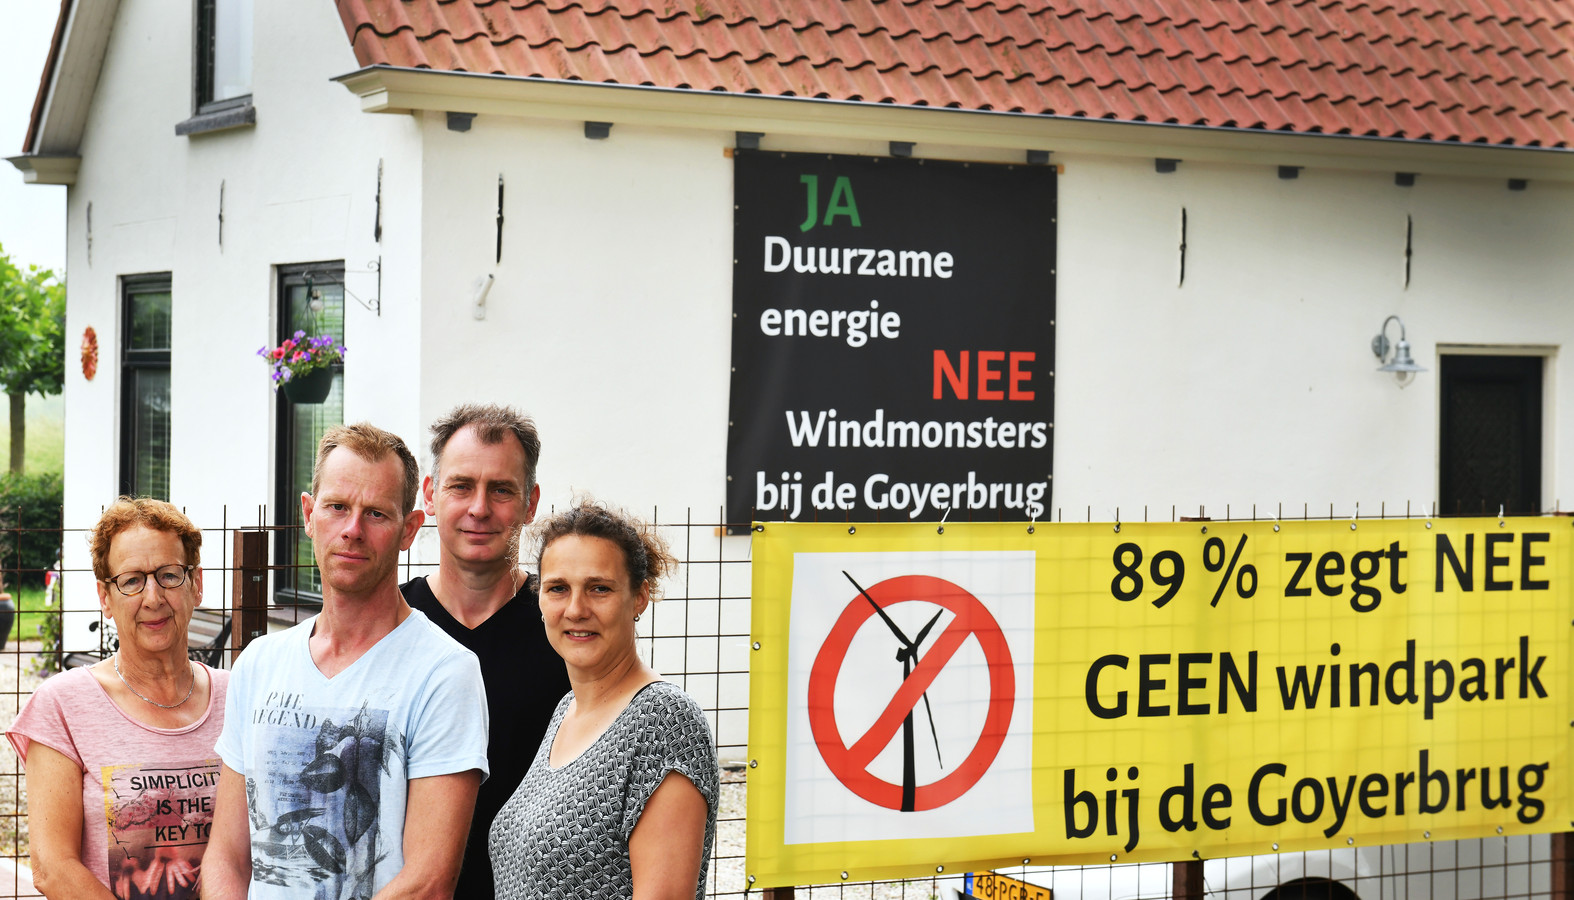 Omwonenden van de Goyerbrug protesteren al jaren tegen het plan vier windmolens te plaatsen langs het Amsterdam-Rijnkanaal, halverwege Houten en Wijk bij Duurstede.